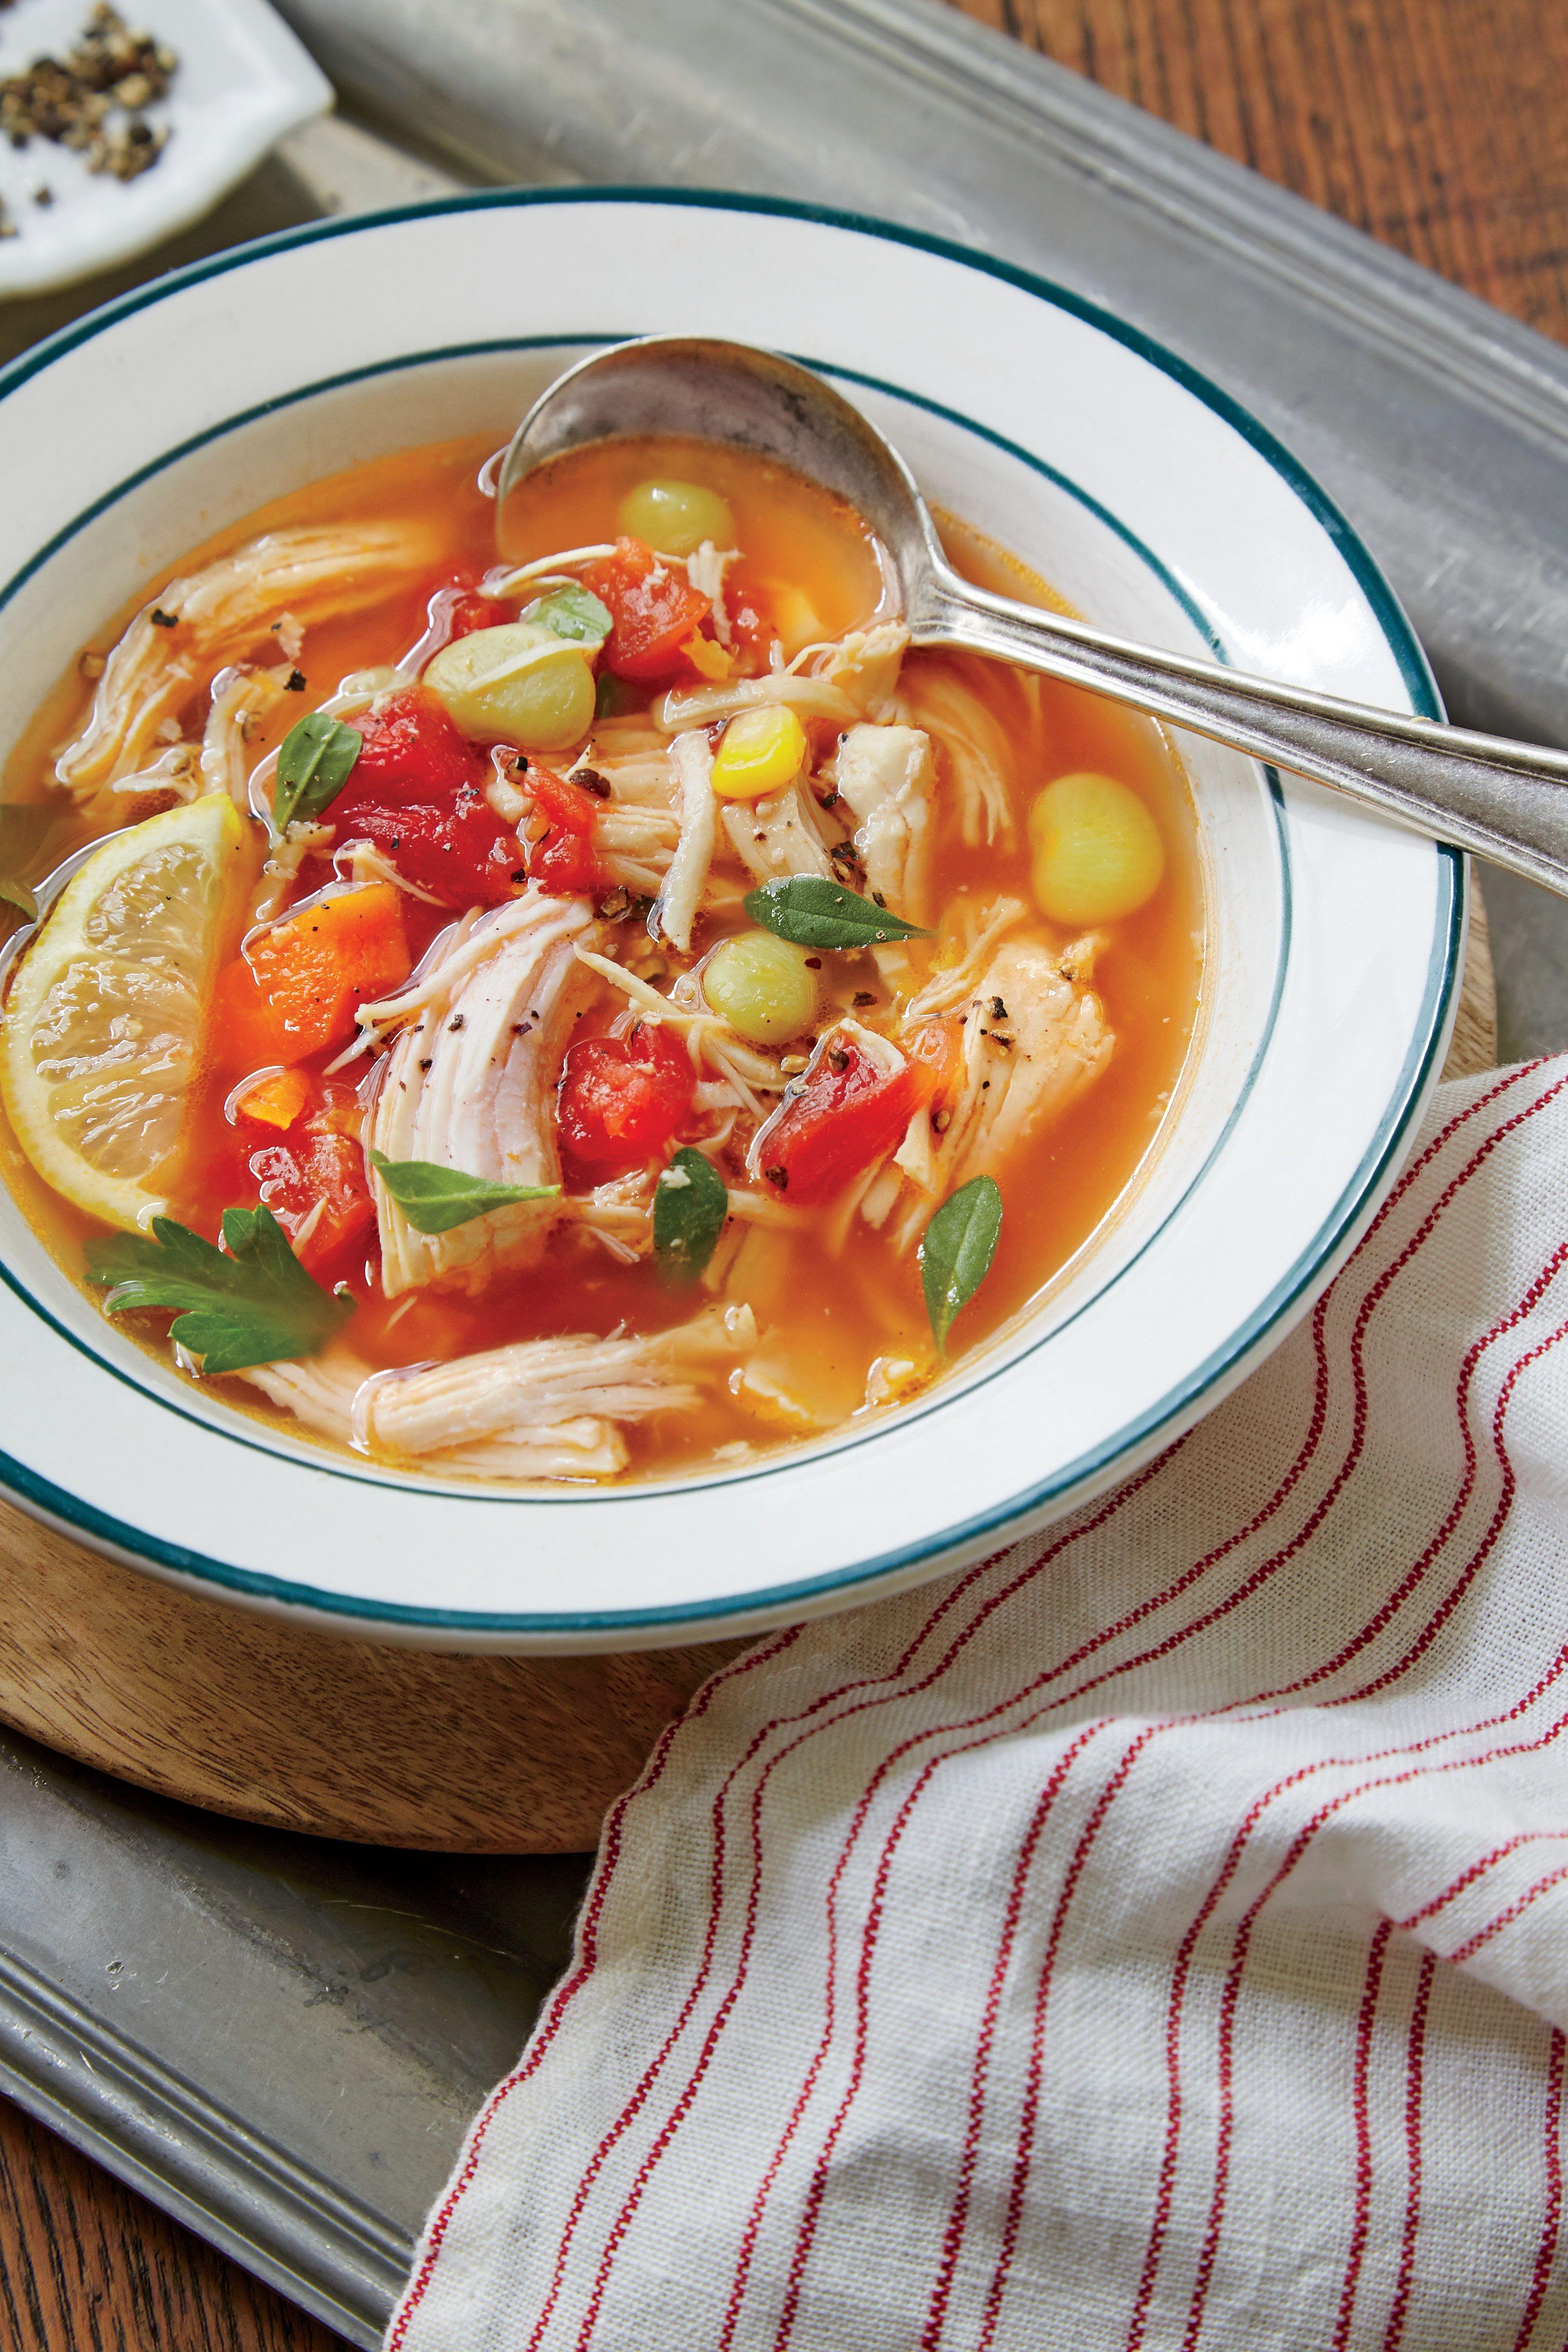 Lemon Chicken Vegetable Soup Recipe Soup Recipes Slow Cooker Spring Soups Chicken Vegetable Soup Recipes